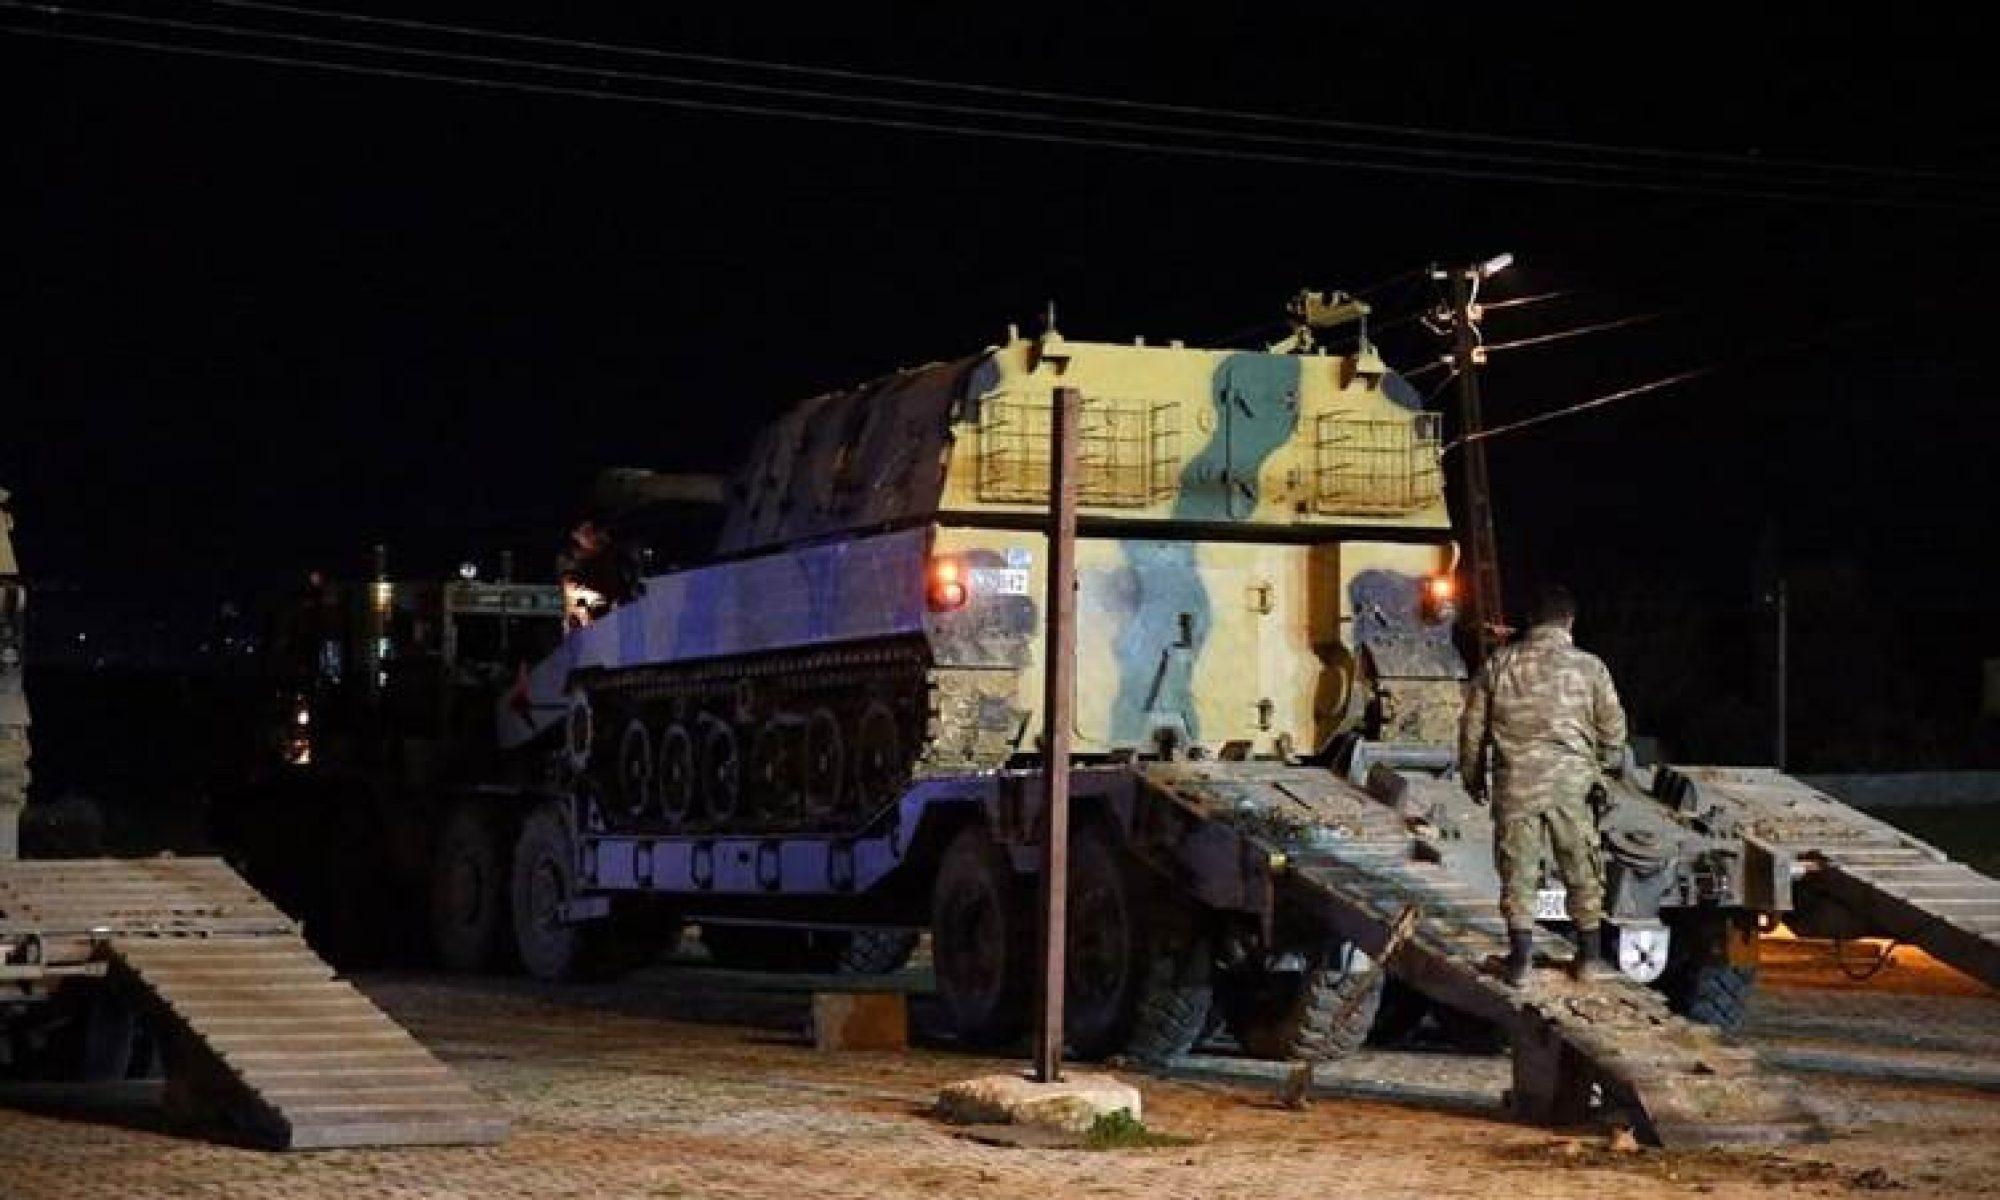 Suriye ve Türk ordusu arasında çatışma: 4 Türk askeri öldürüldü